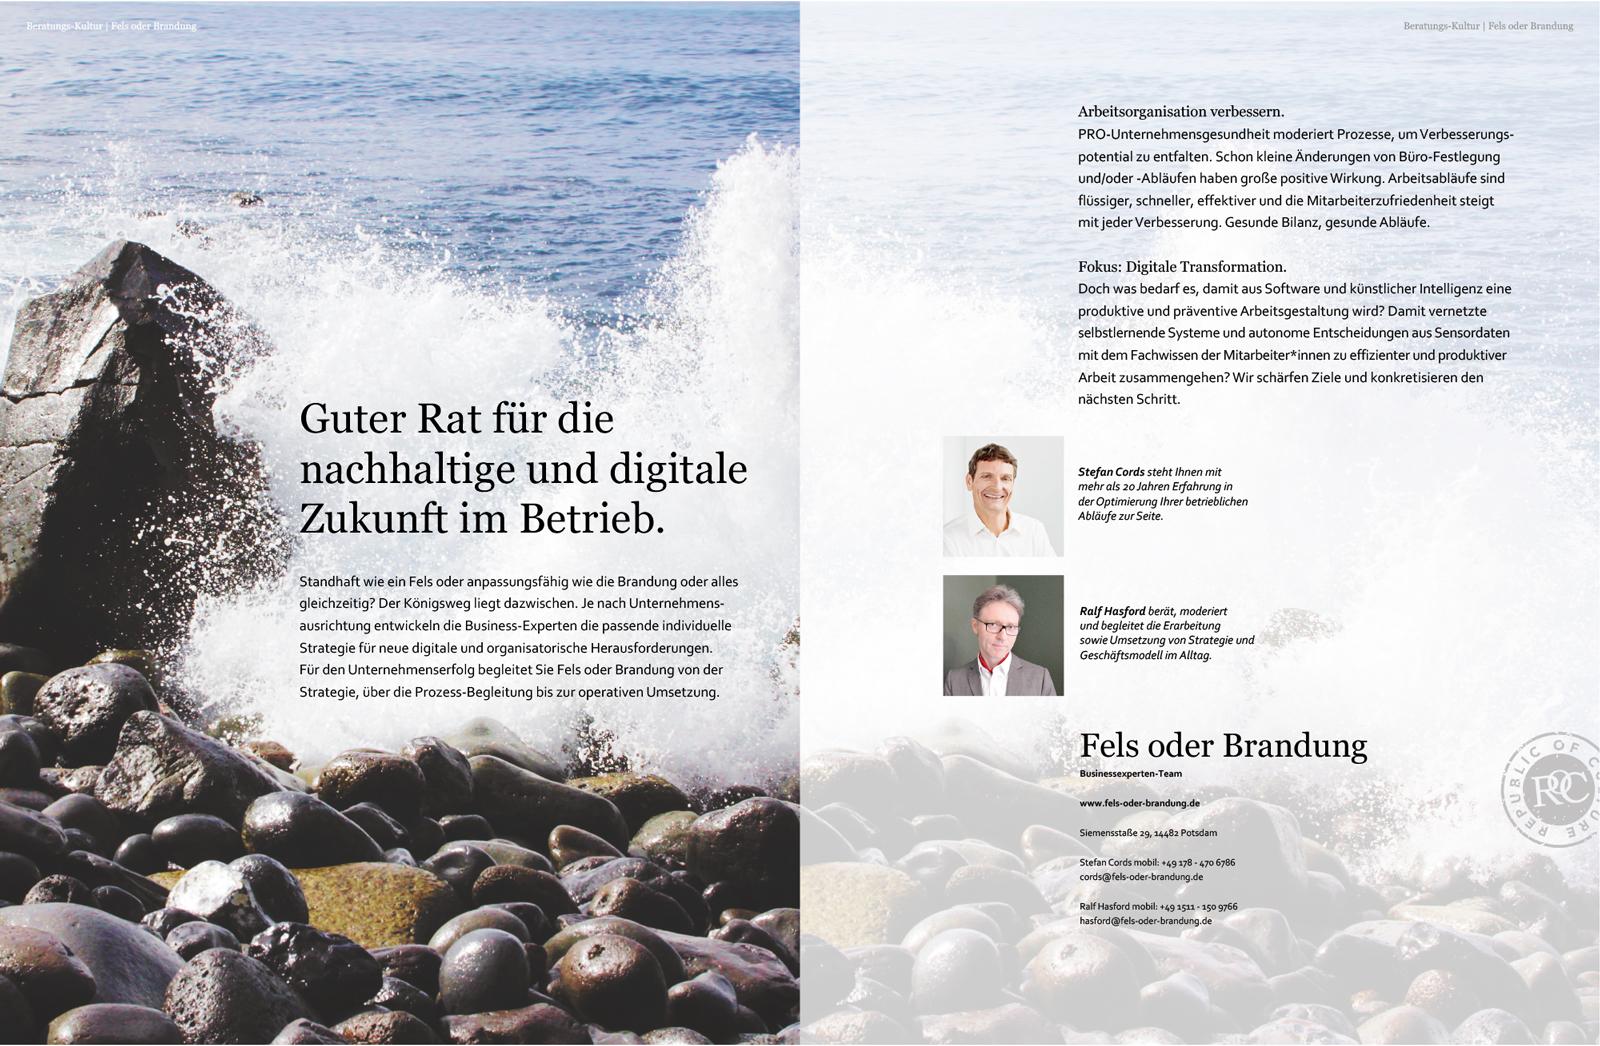 Stefan Cords und Ralf Hasford: Guter Rat für die nachhaltige und digitale Zukunft im Betrieb.